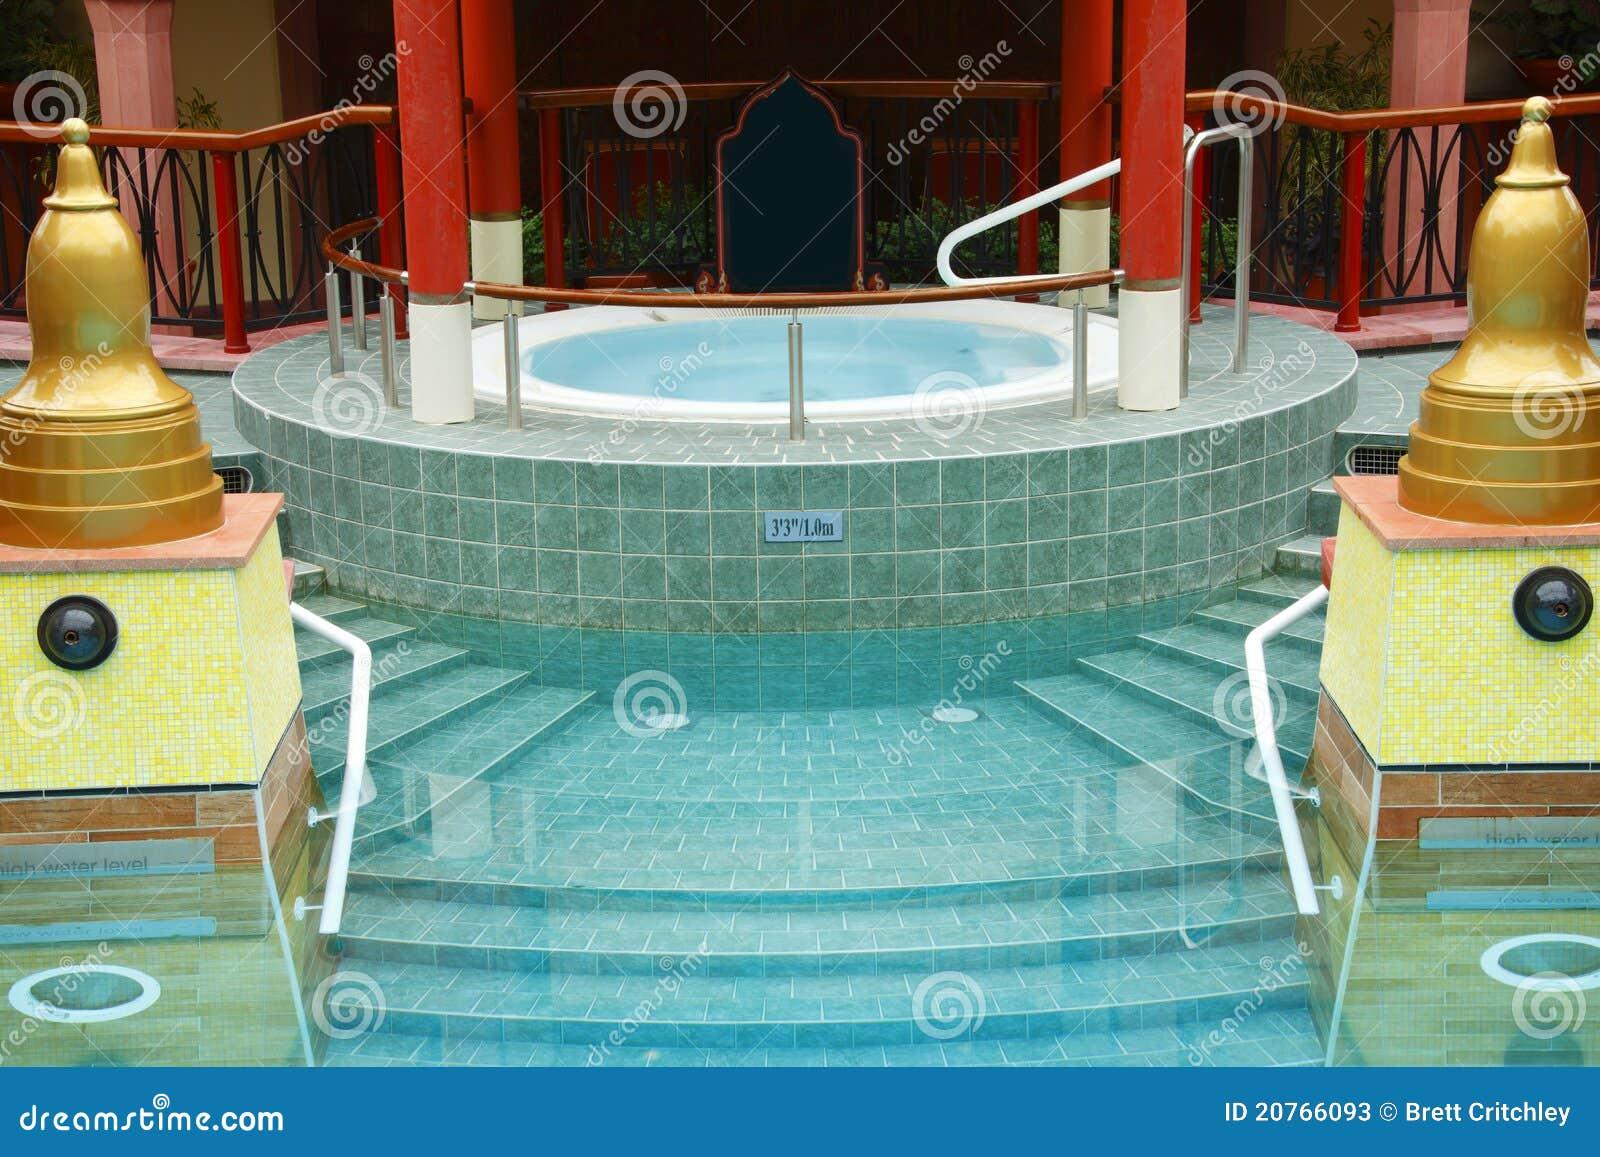 De pool van de luxe jacuzzi spa